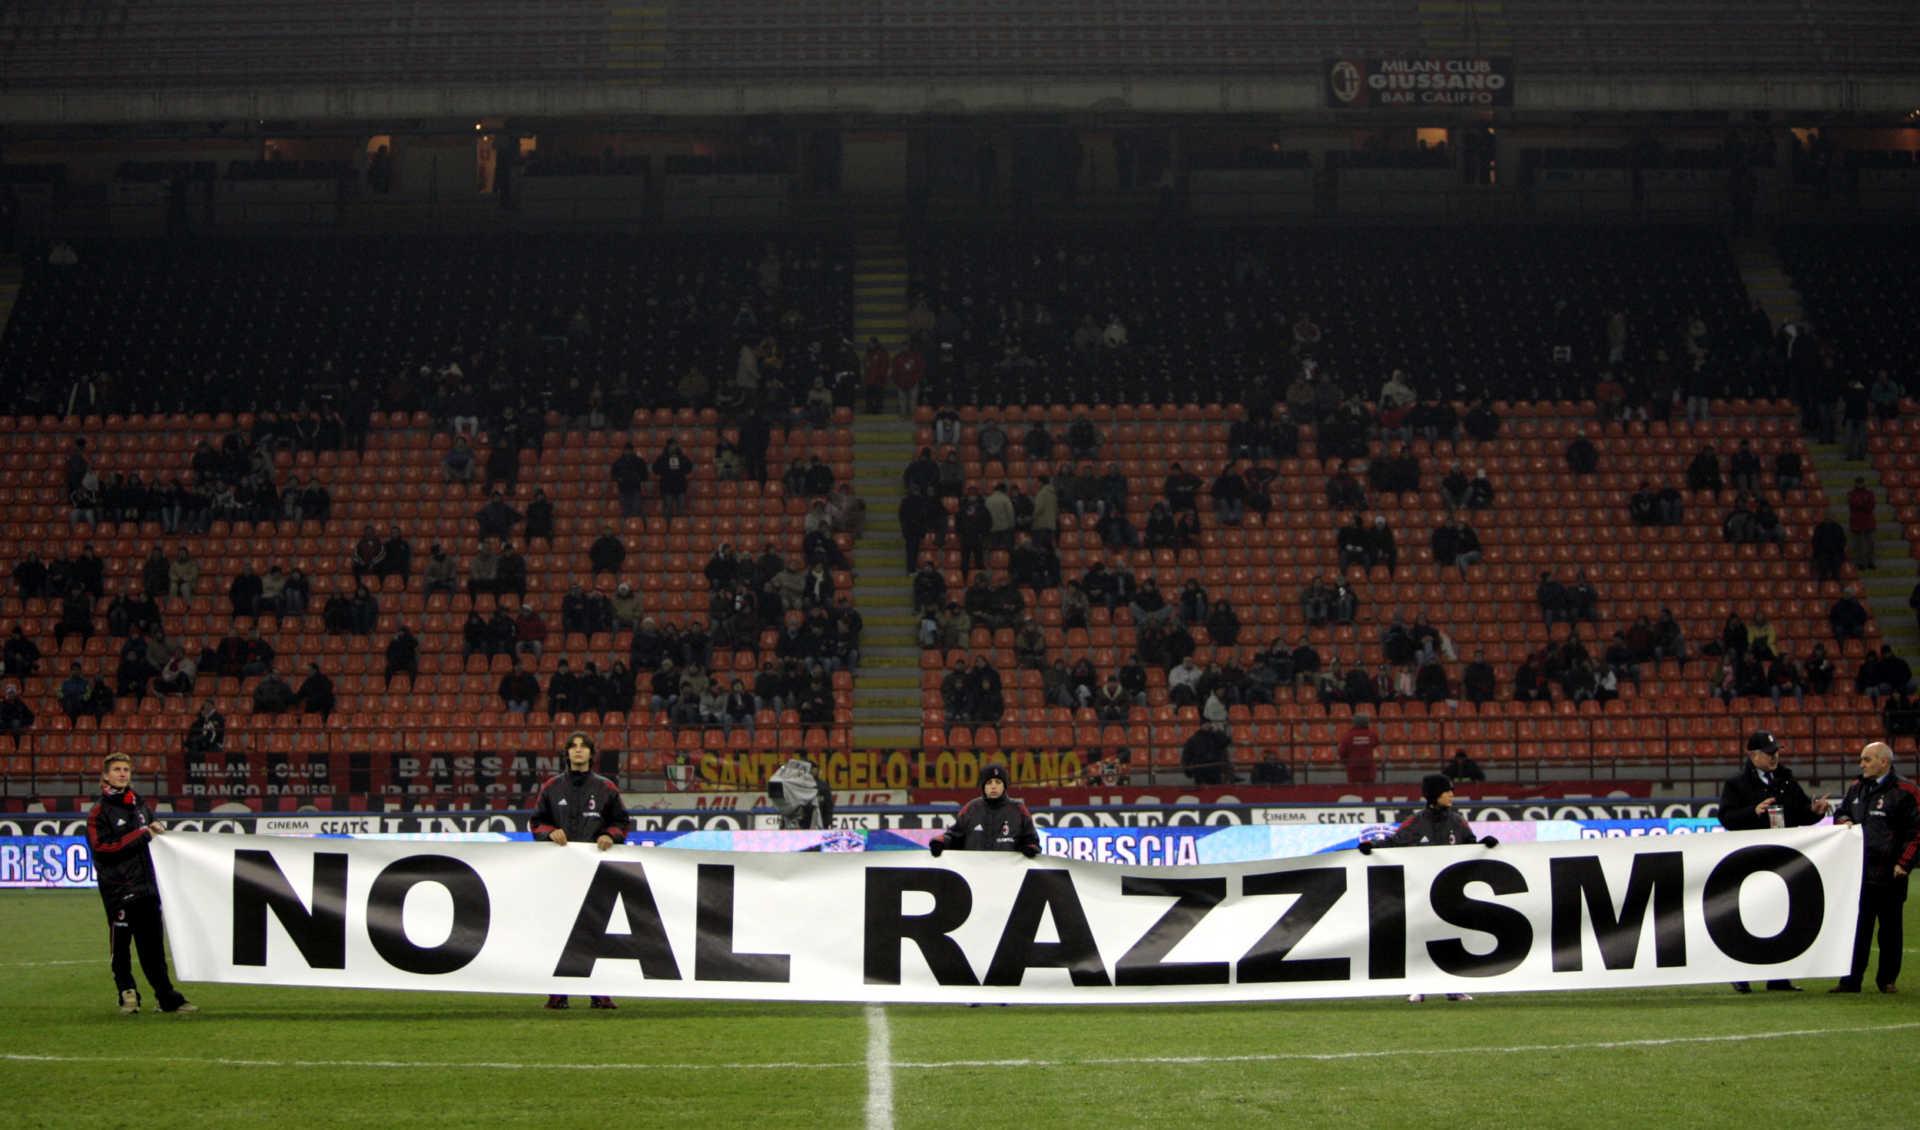 Razzismo nel calcio, questa volta tocca ad un giovane ragazzo di Treviso